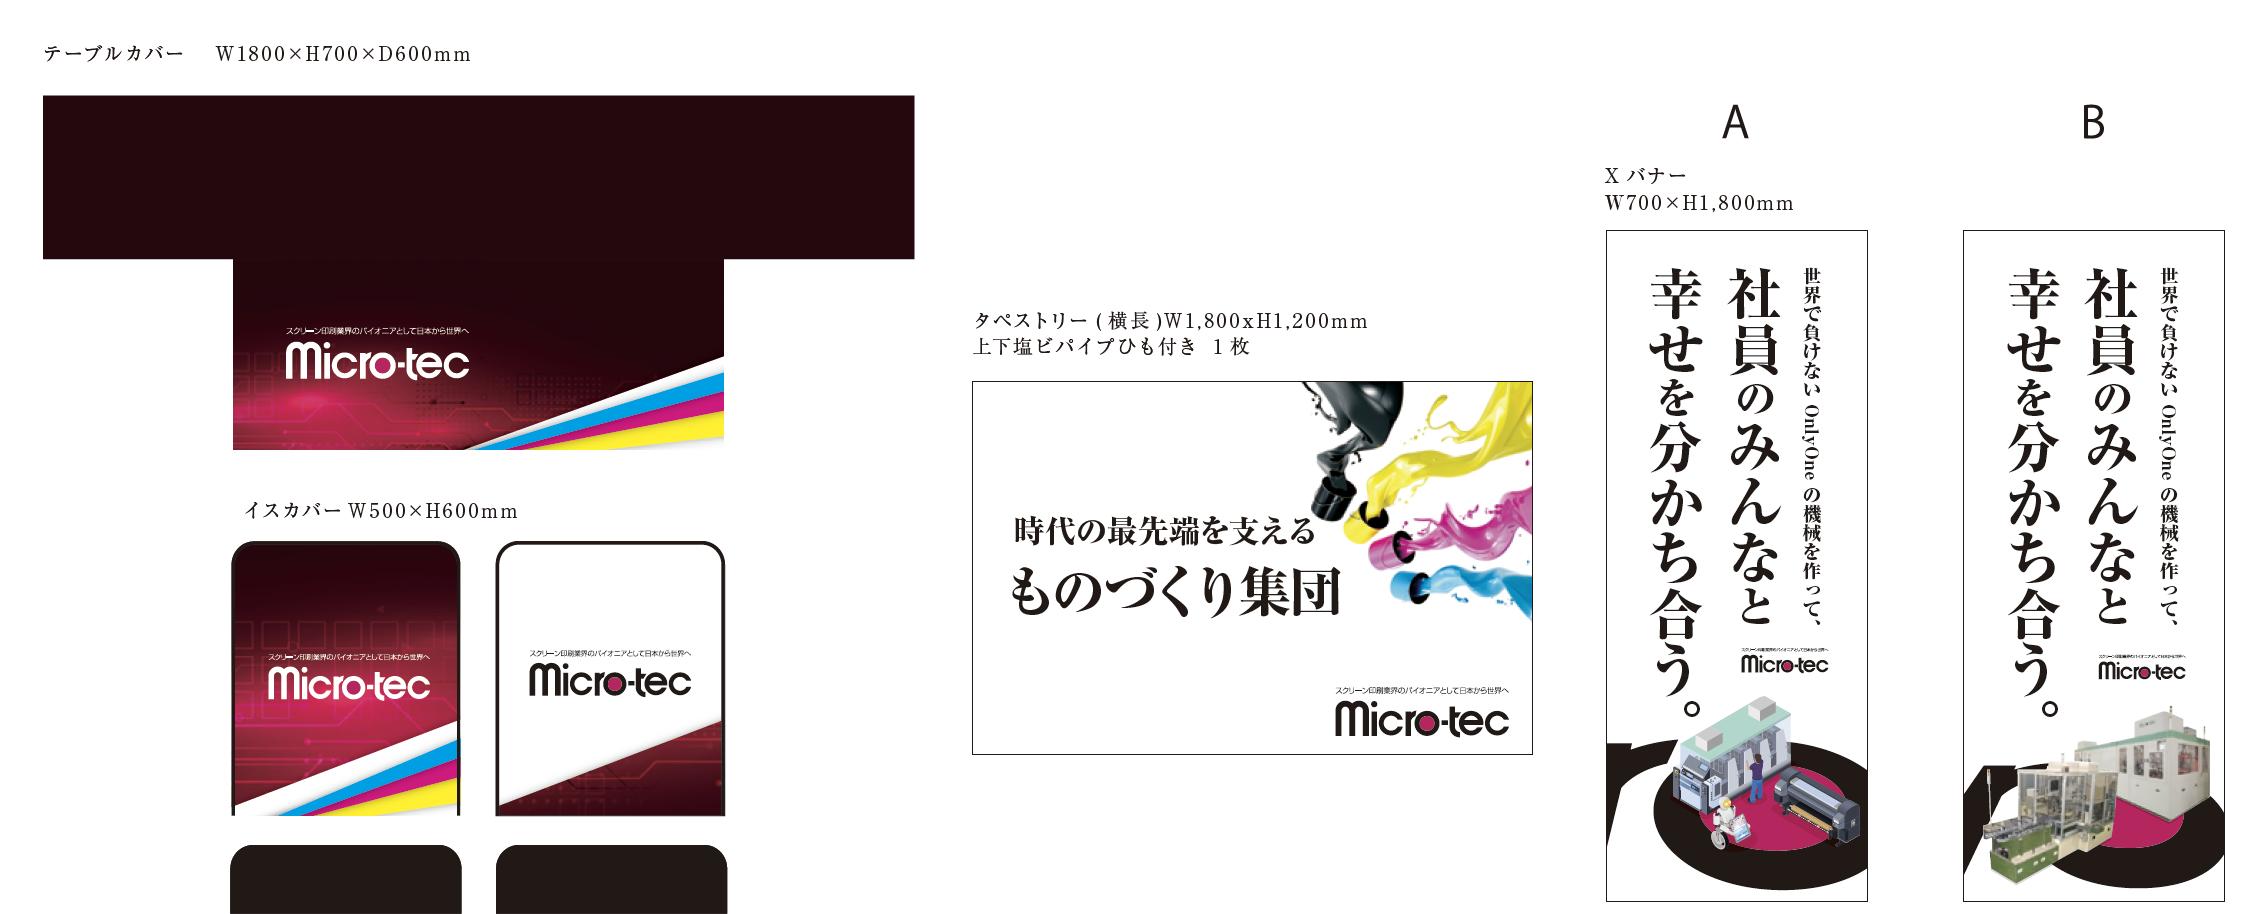 マイクロ・テック株式会社様